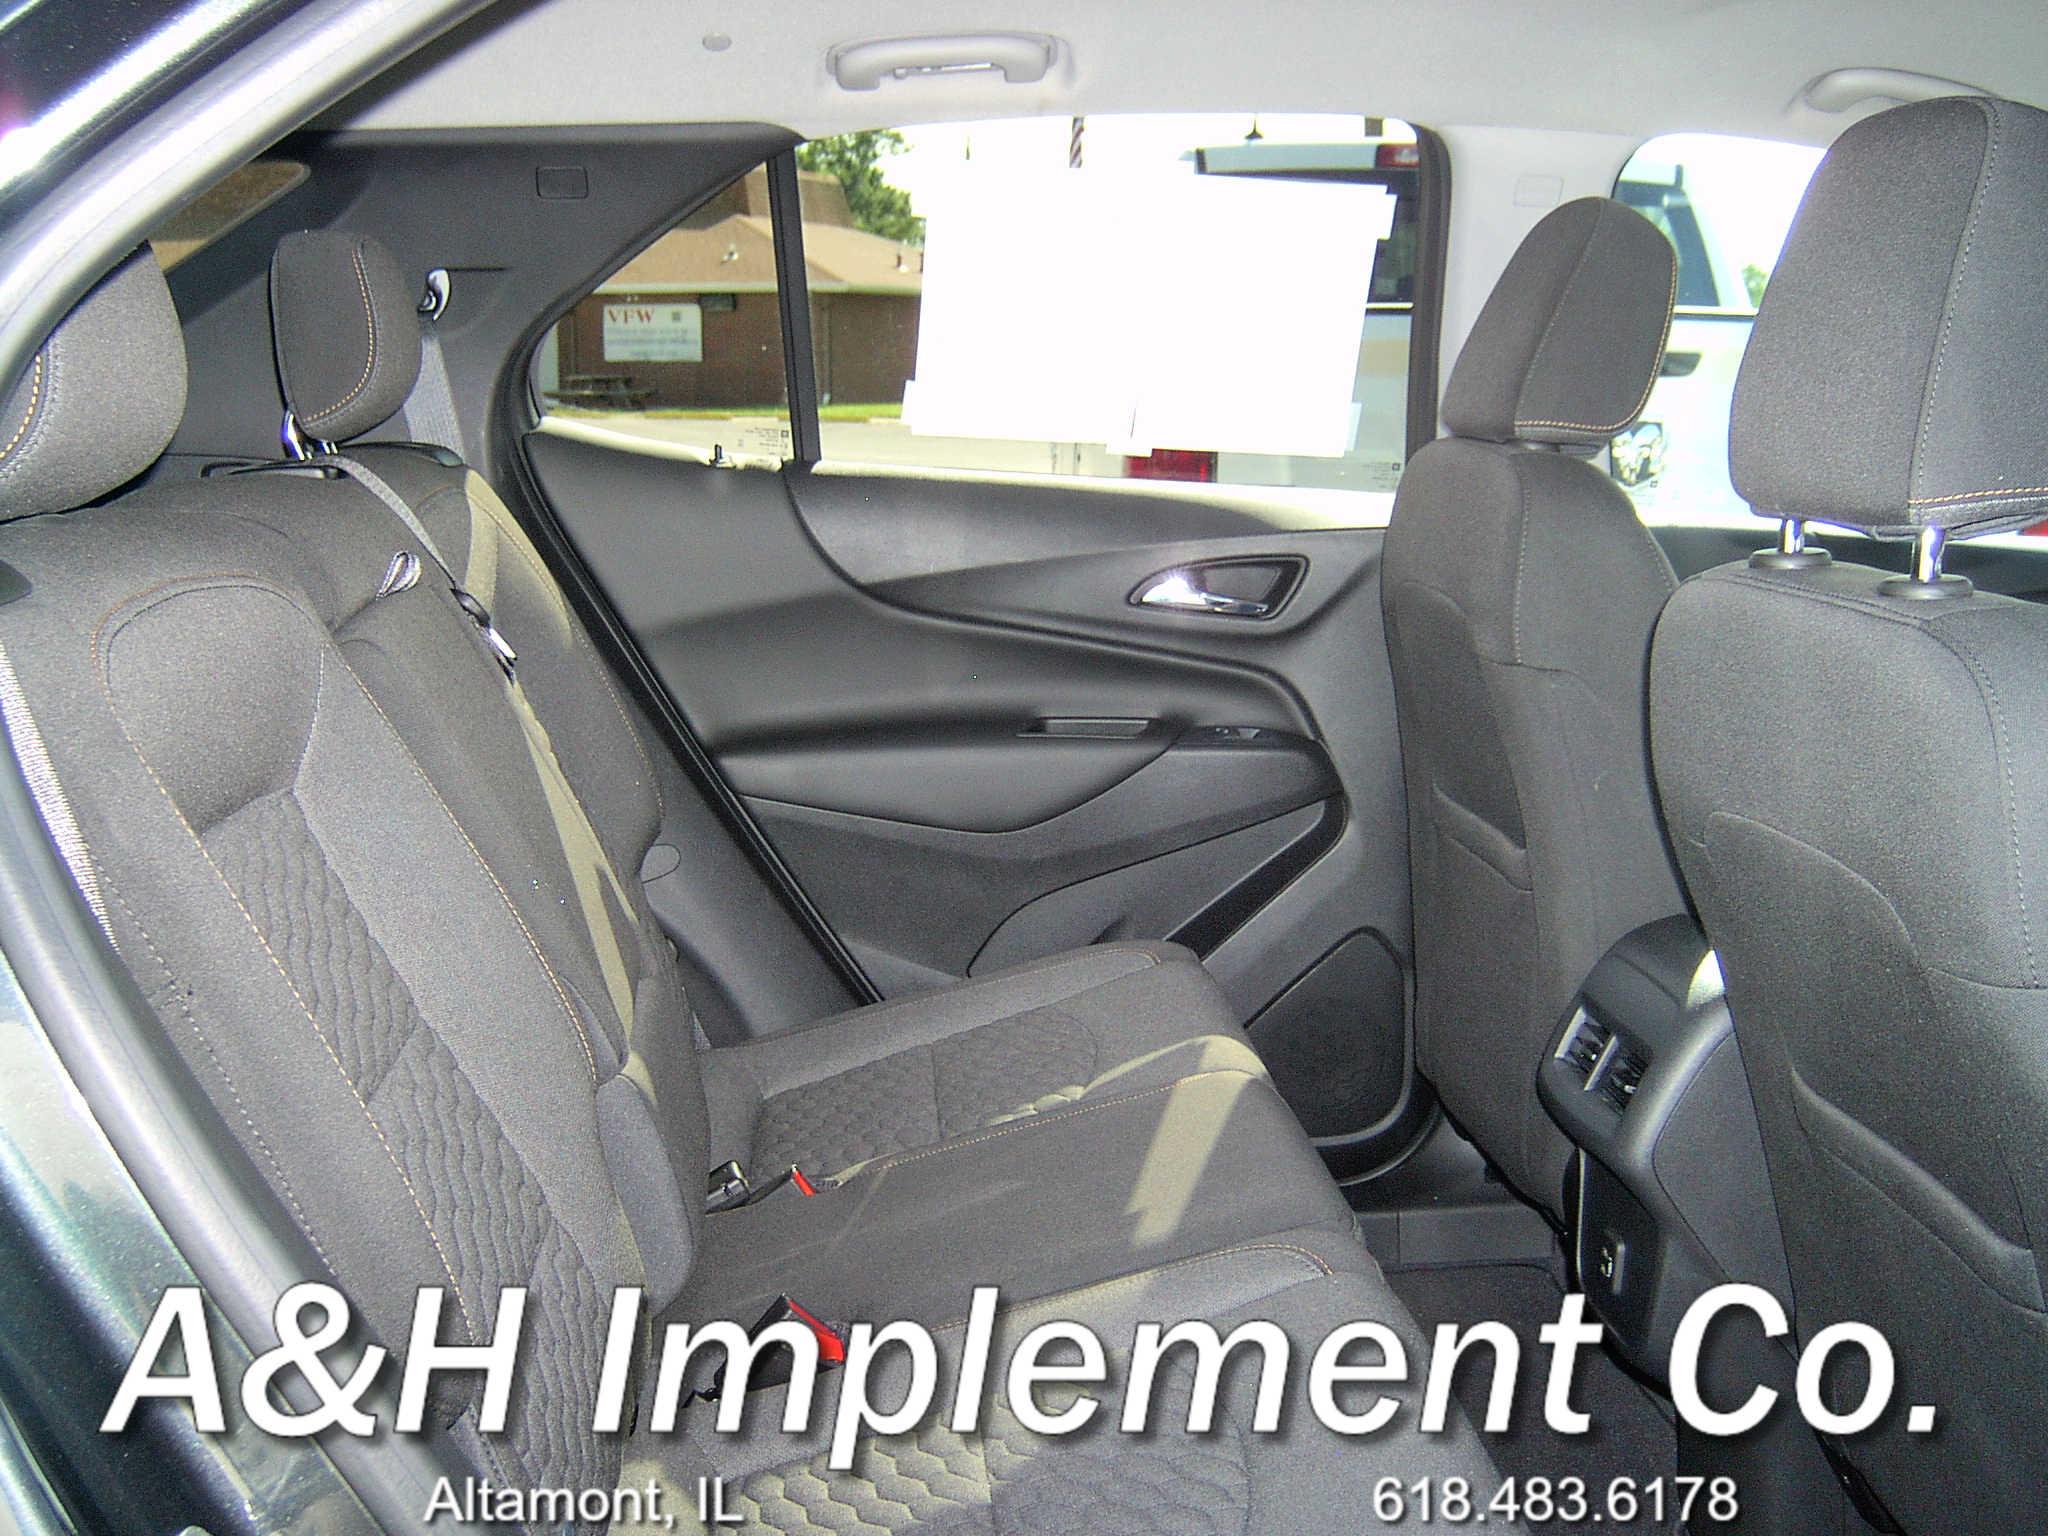 2020 Chevrolet Equinox Lt - Gray 5